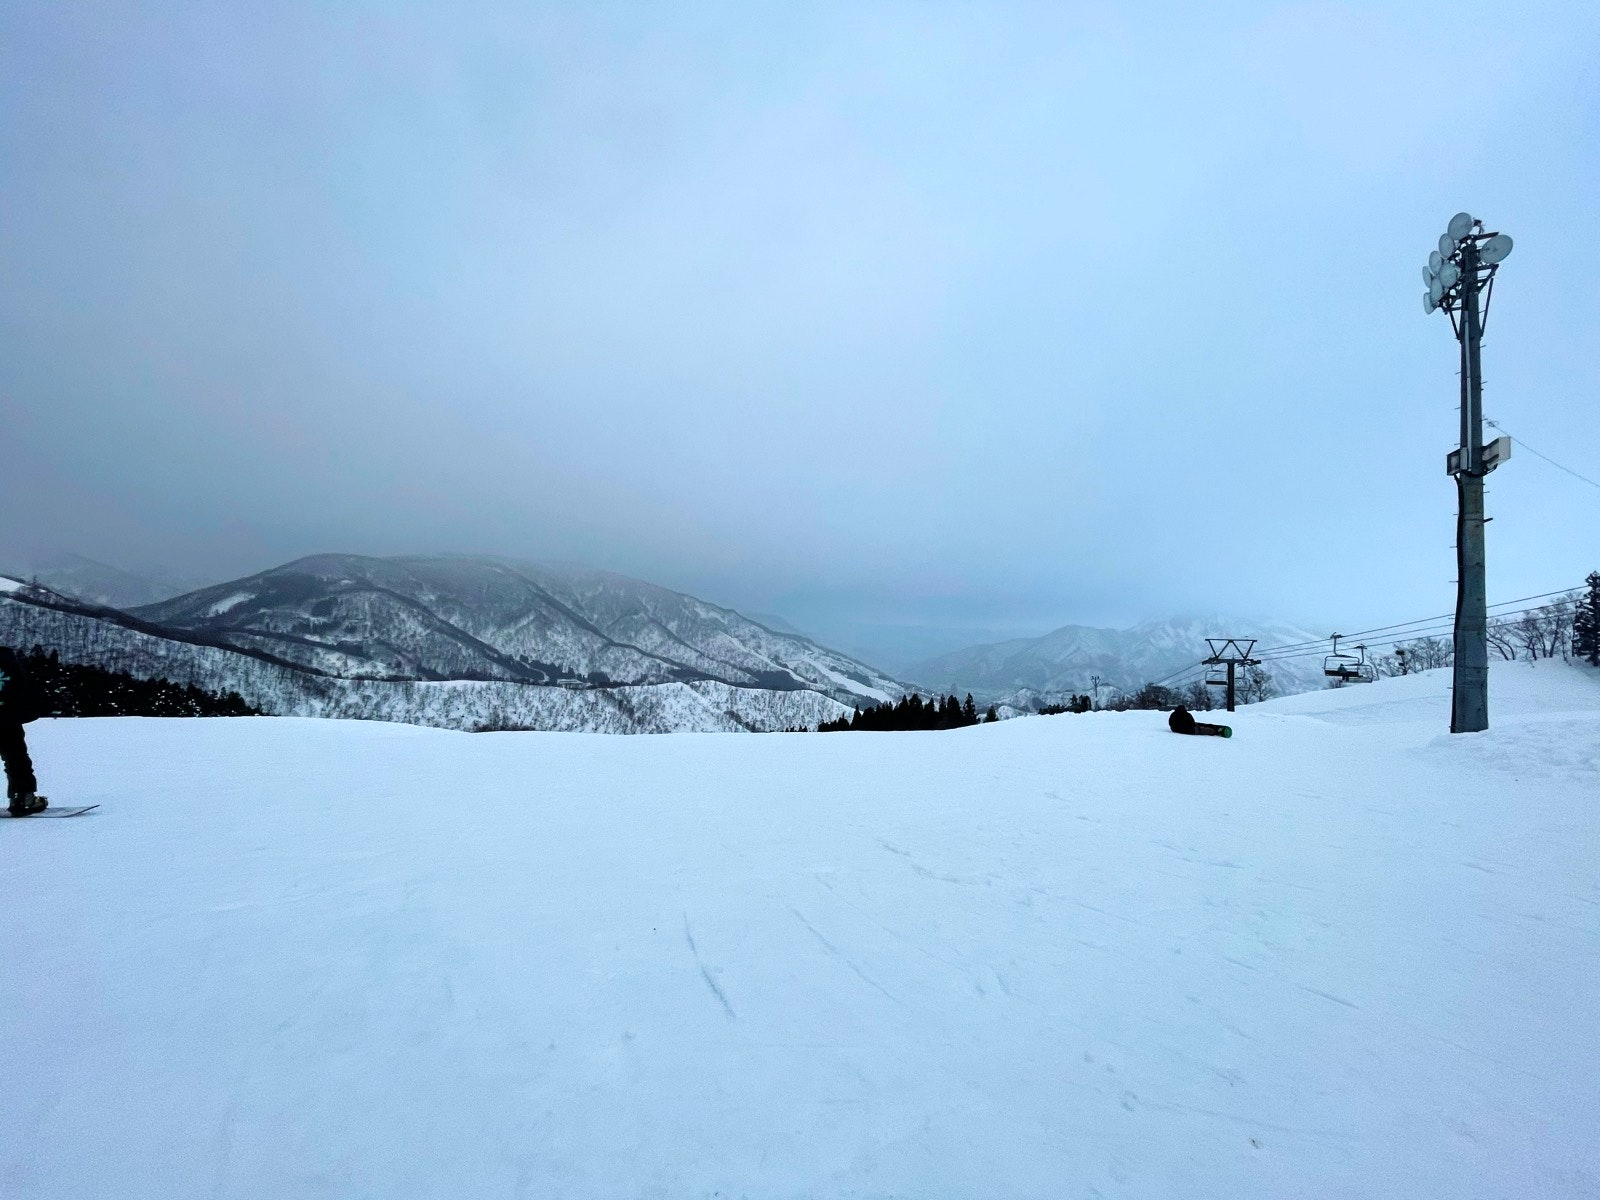 神立 スノー リゾート 神立スノーリゾート(コース) ‐ スキー場情報サイト